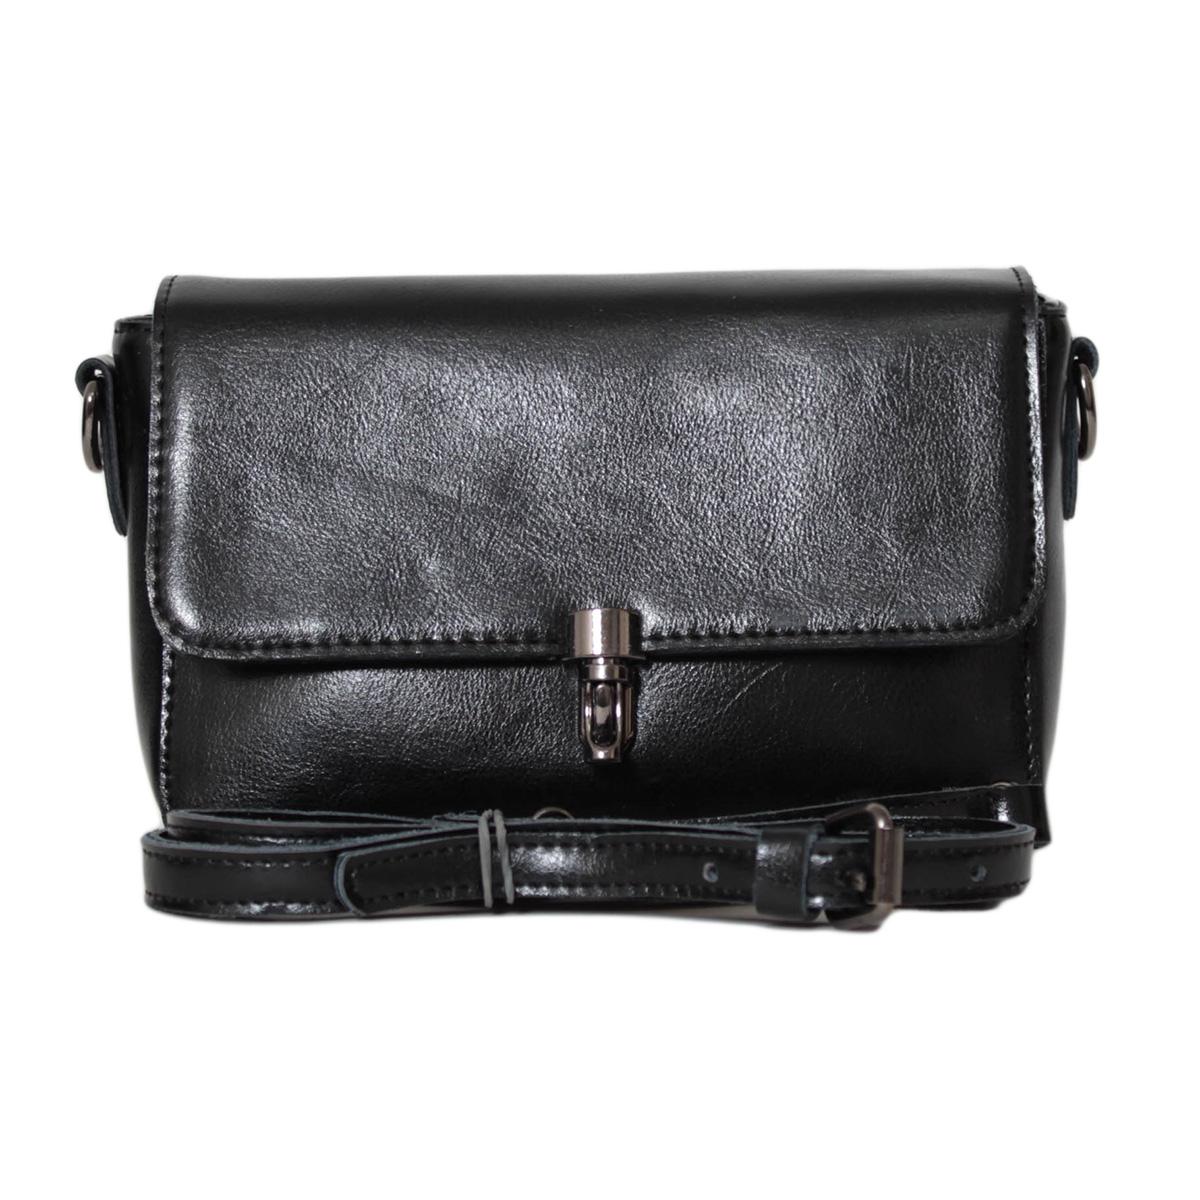 Сумка женская Flioraj, цвет: черный. 0005250200052502Закрывается на декоративный клапан. Внутри одно отделение, один открытый карман и один на молнии